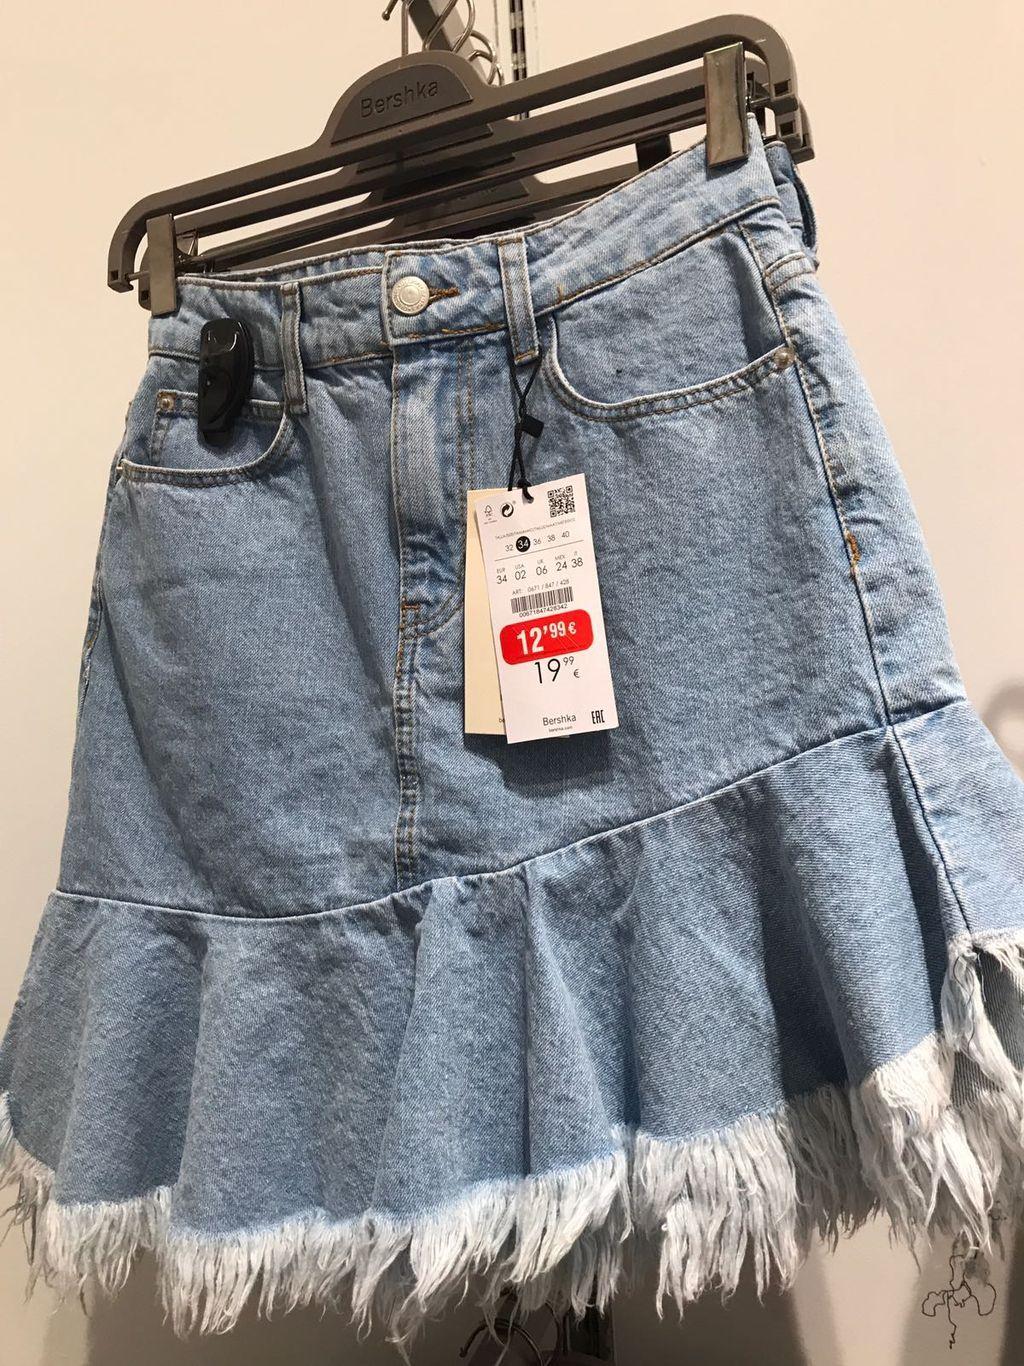 683cef2f32 Esta falda denim desgastada con flecos es lo más. ¡Hazte con ella!